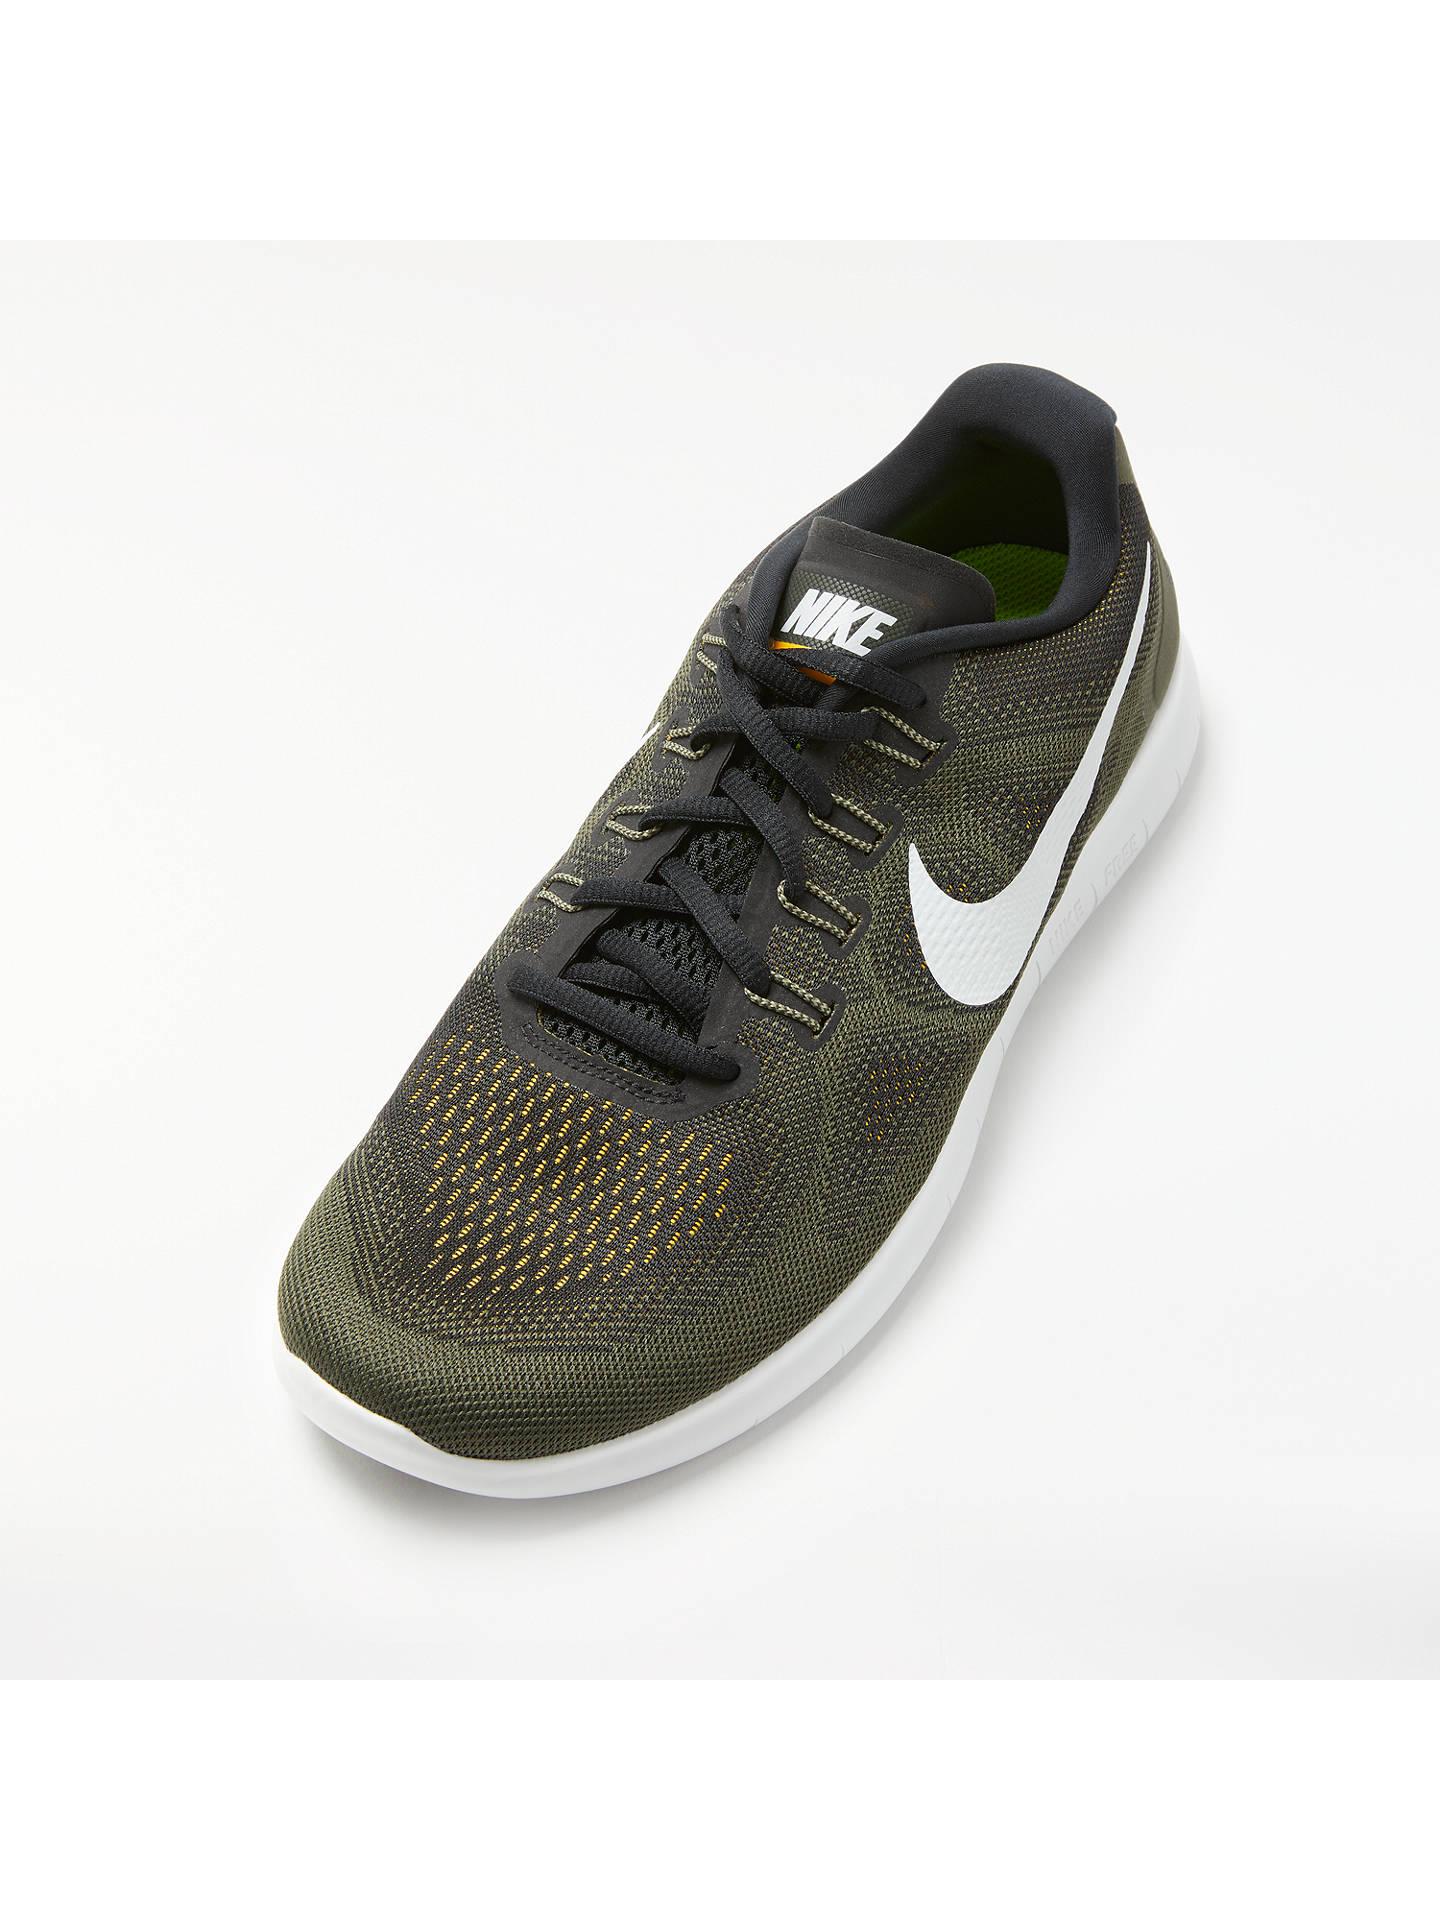 Nike Free RN 2017 Men's Running Shoe, BlackOff White at